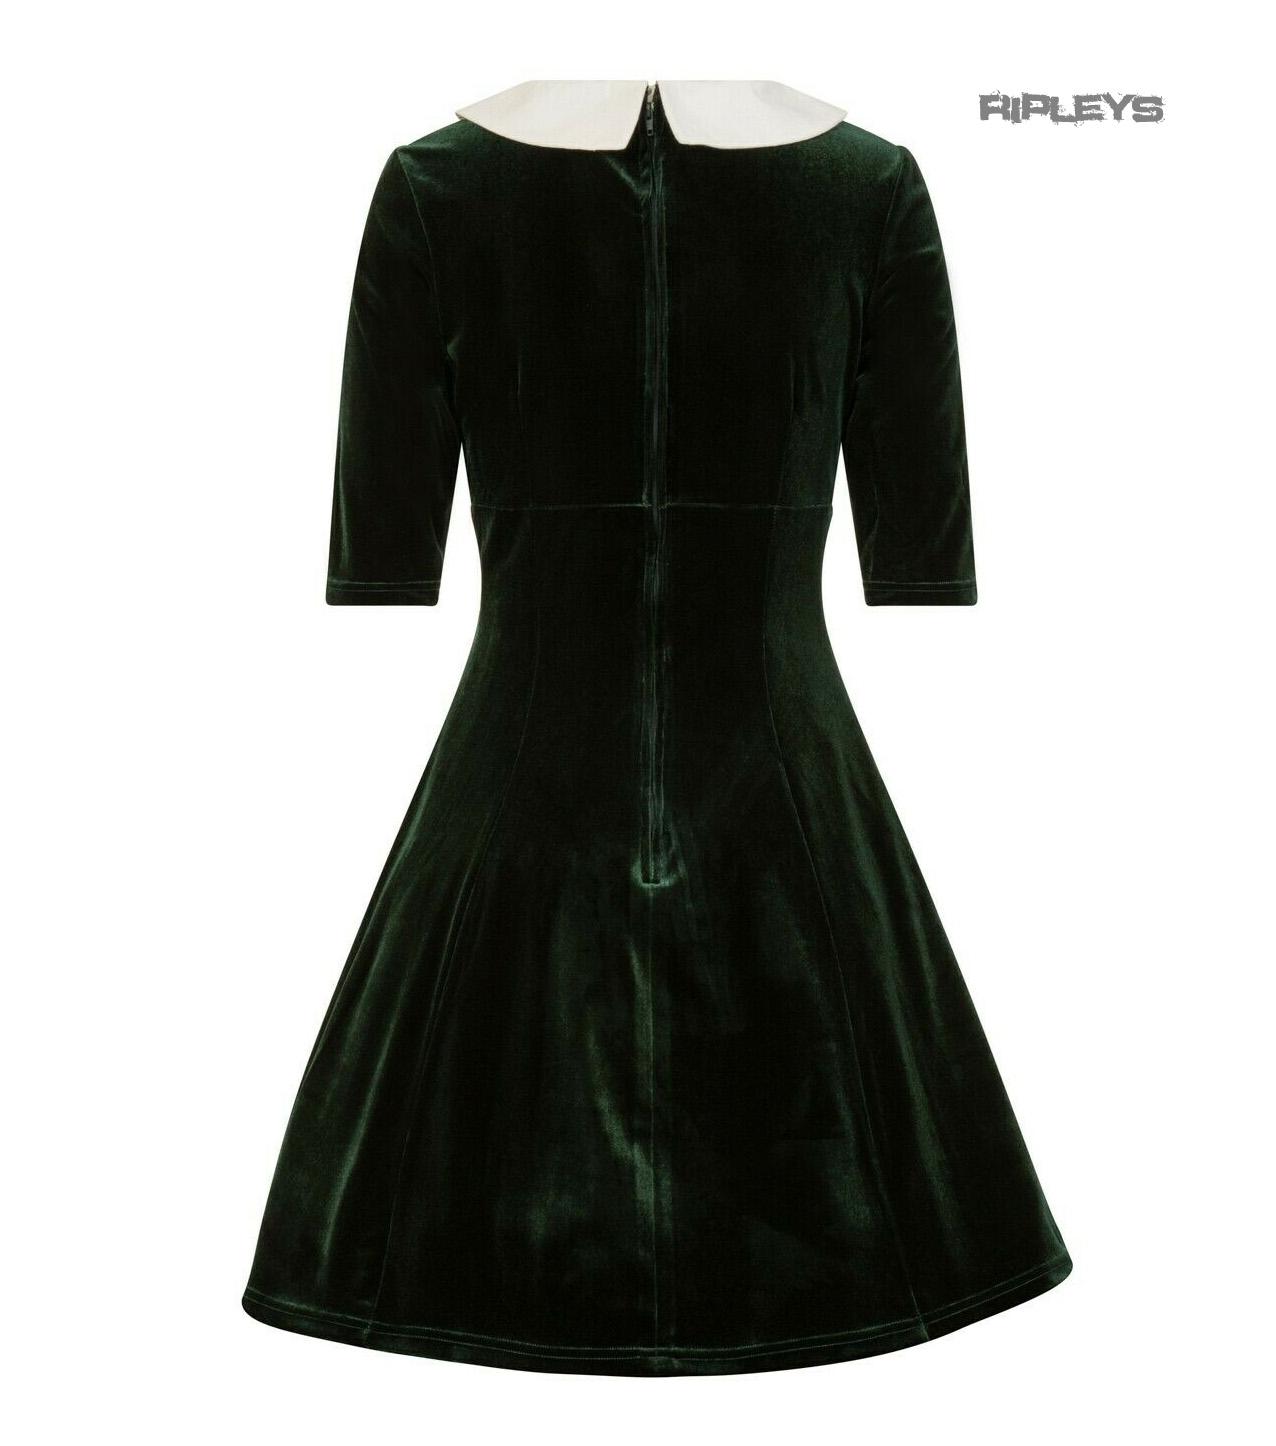 Hell-Bunny-Mini-Skater-Dress-Festive-Christmas-NICOLA-Green-Velvet-All-Sizes thumbnail 8